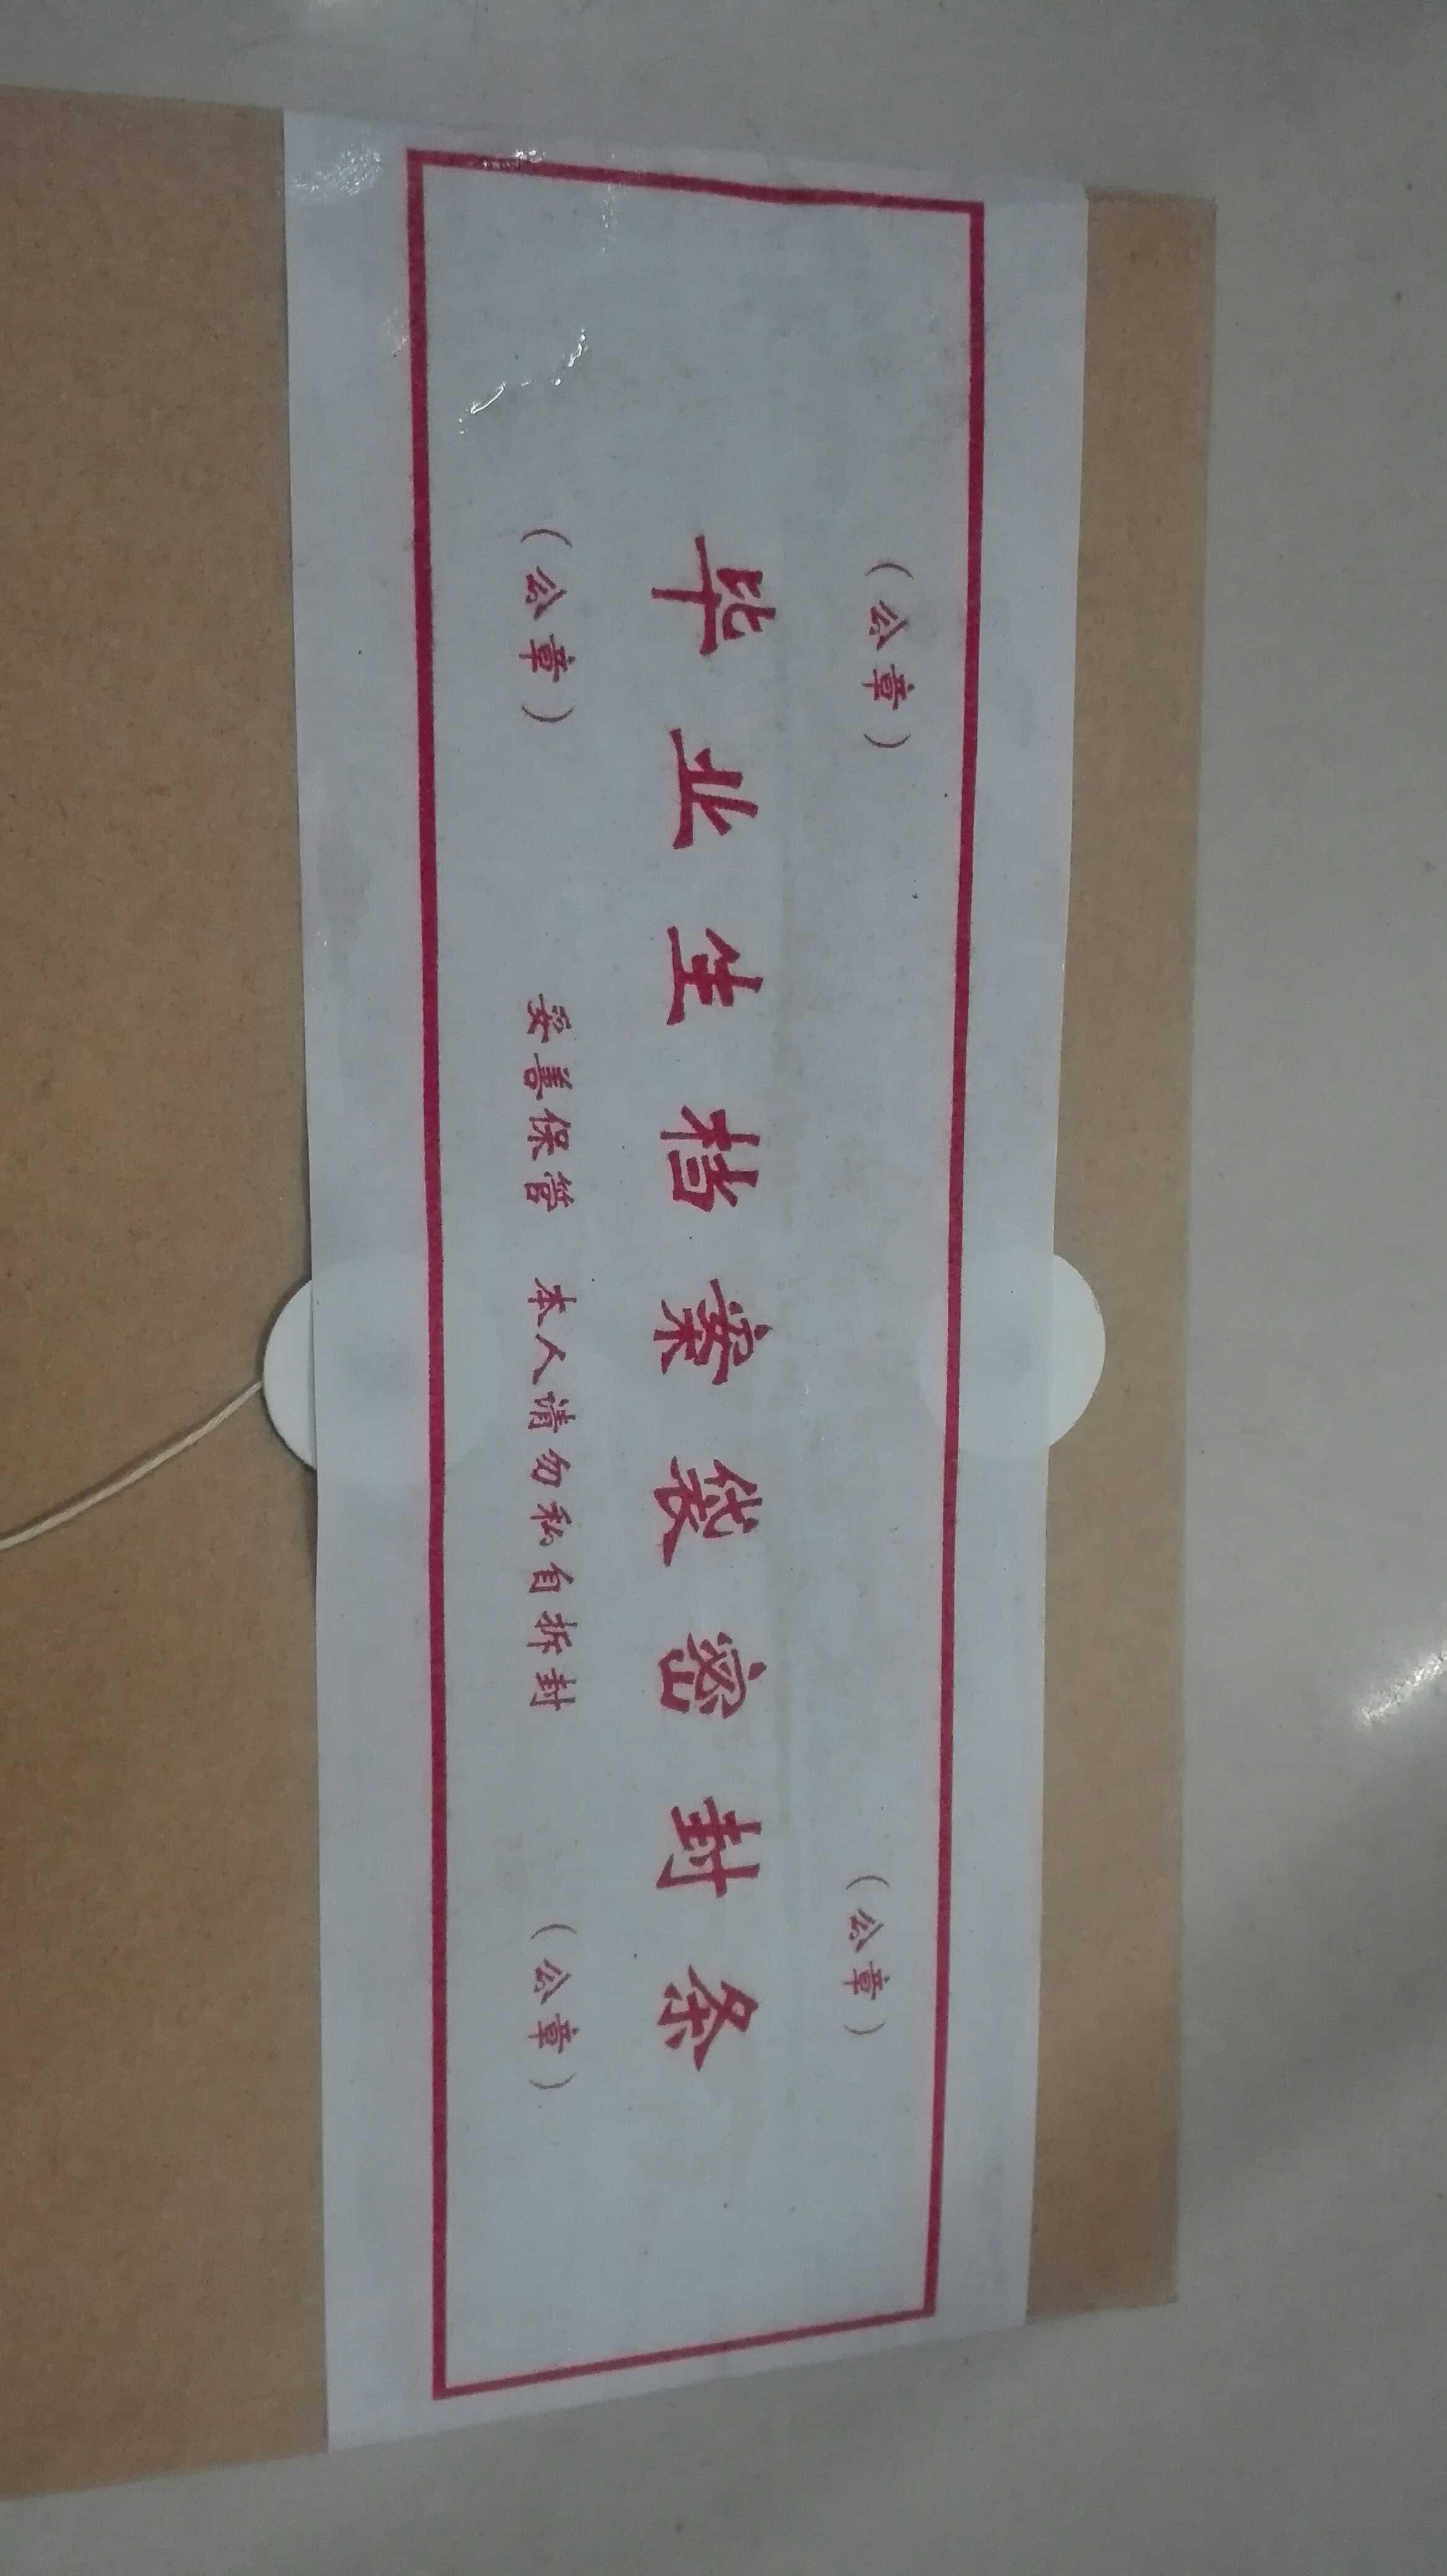 毕业生档案袋封条大学生档案袋封签老式密封条学校学籍档案封条图片